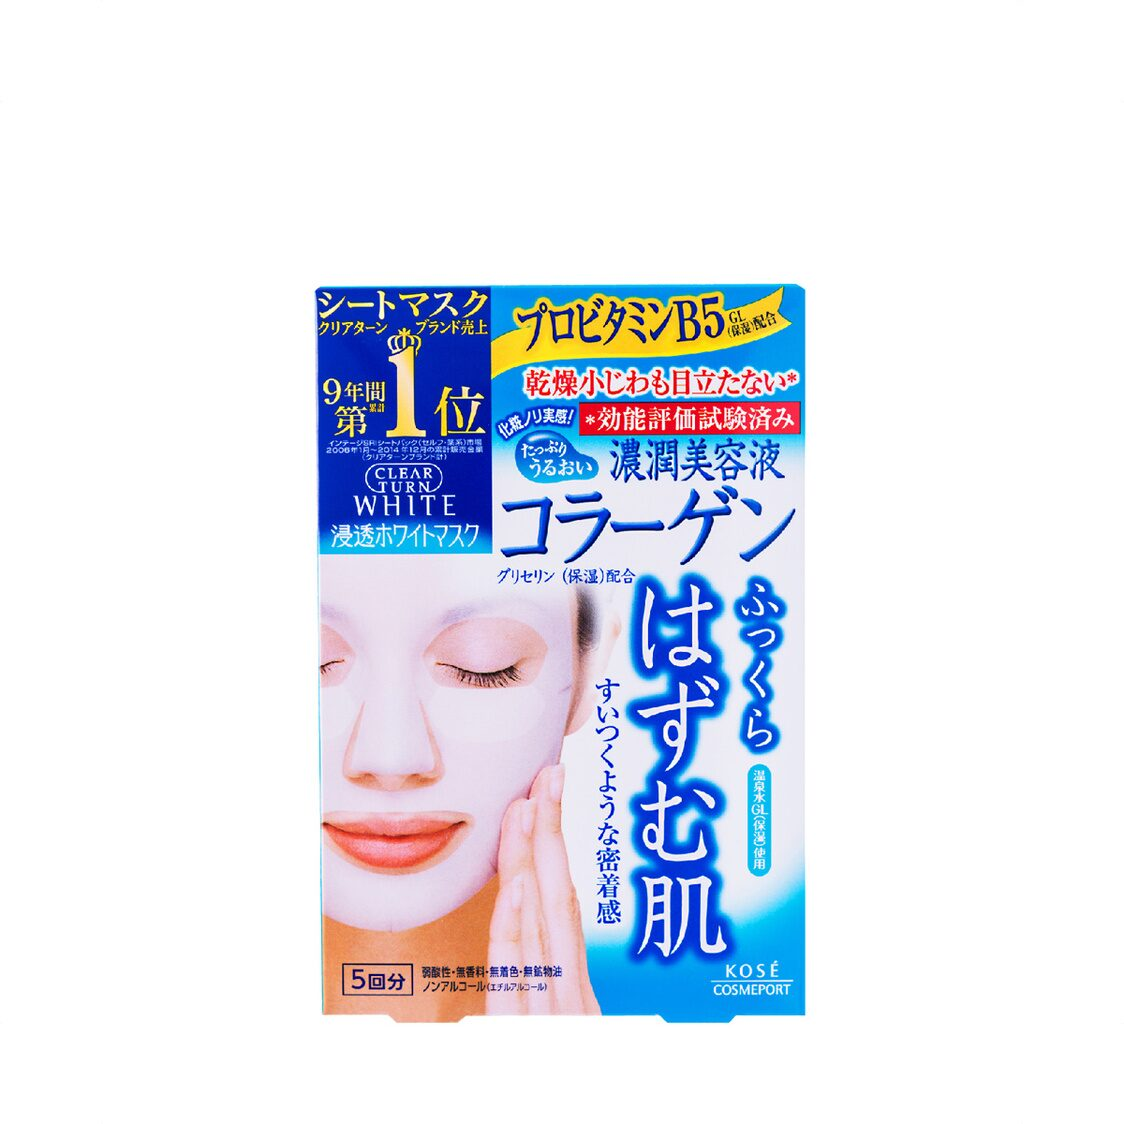 Kose Cosmeport Clear Turn White MaskCollagen D